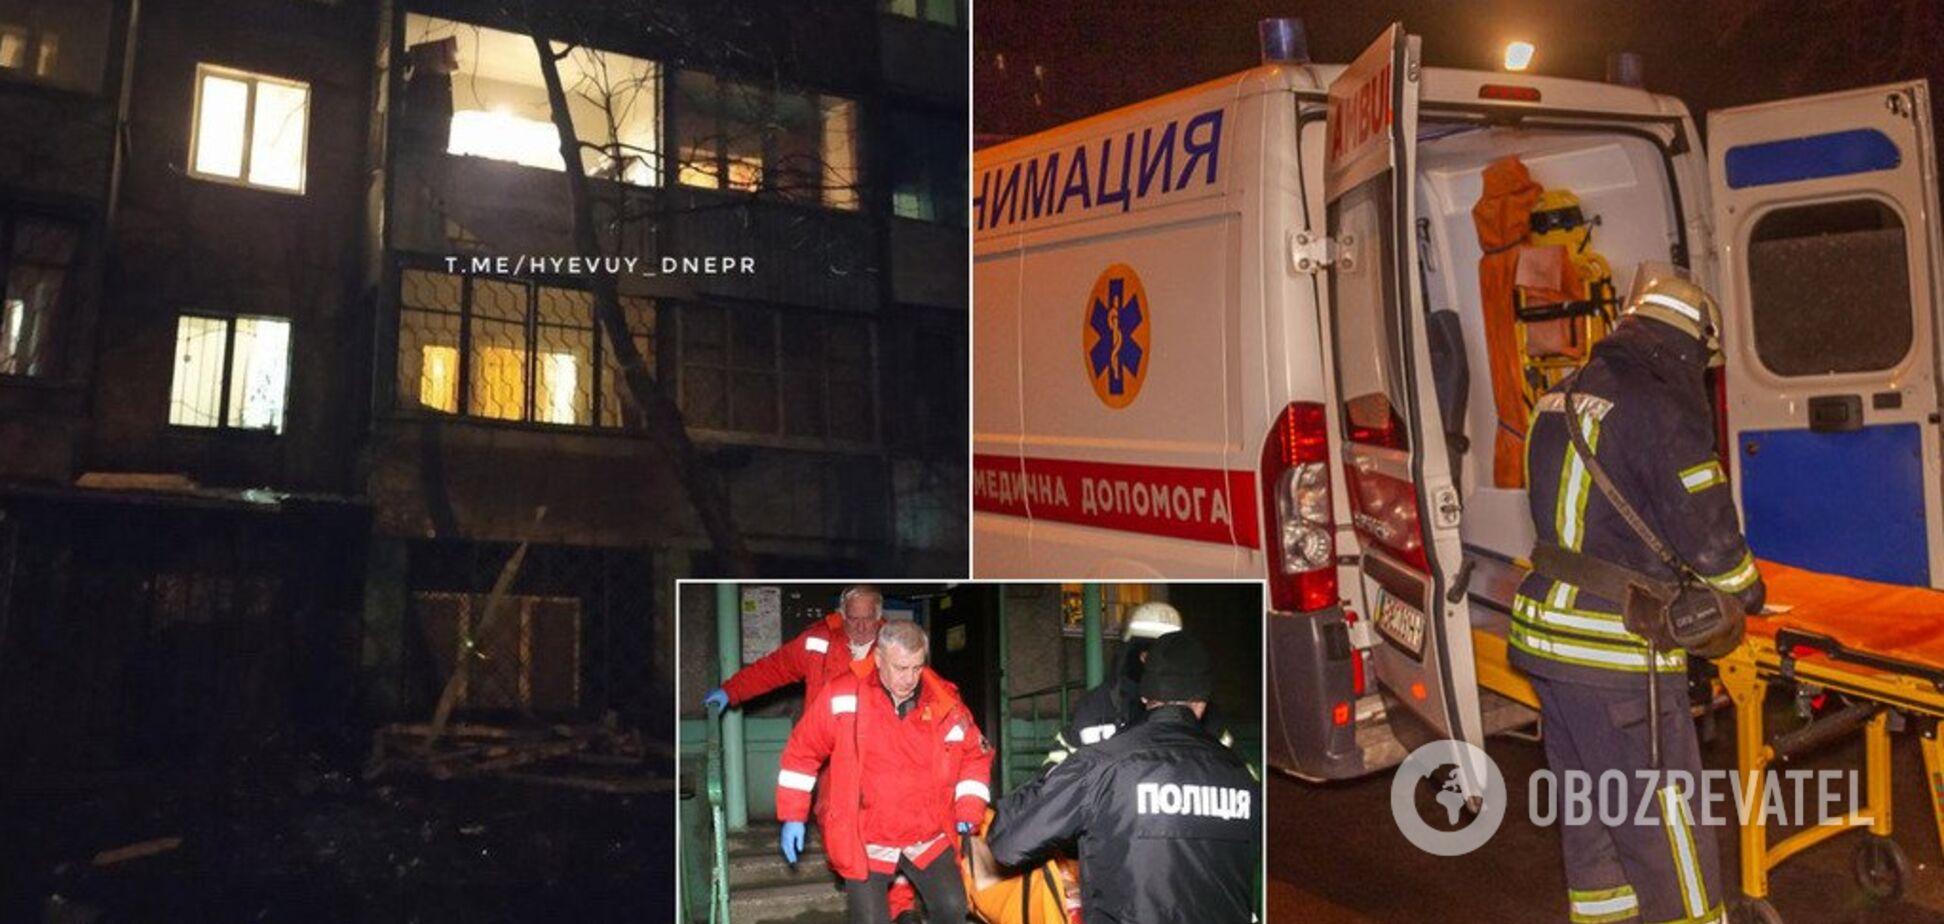 В Днепре прогремел взрыв в квартире: парню оторвало руку. Фото и видео кровавого ЧП